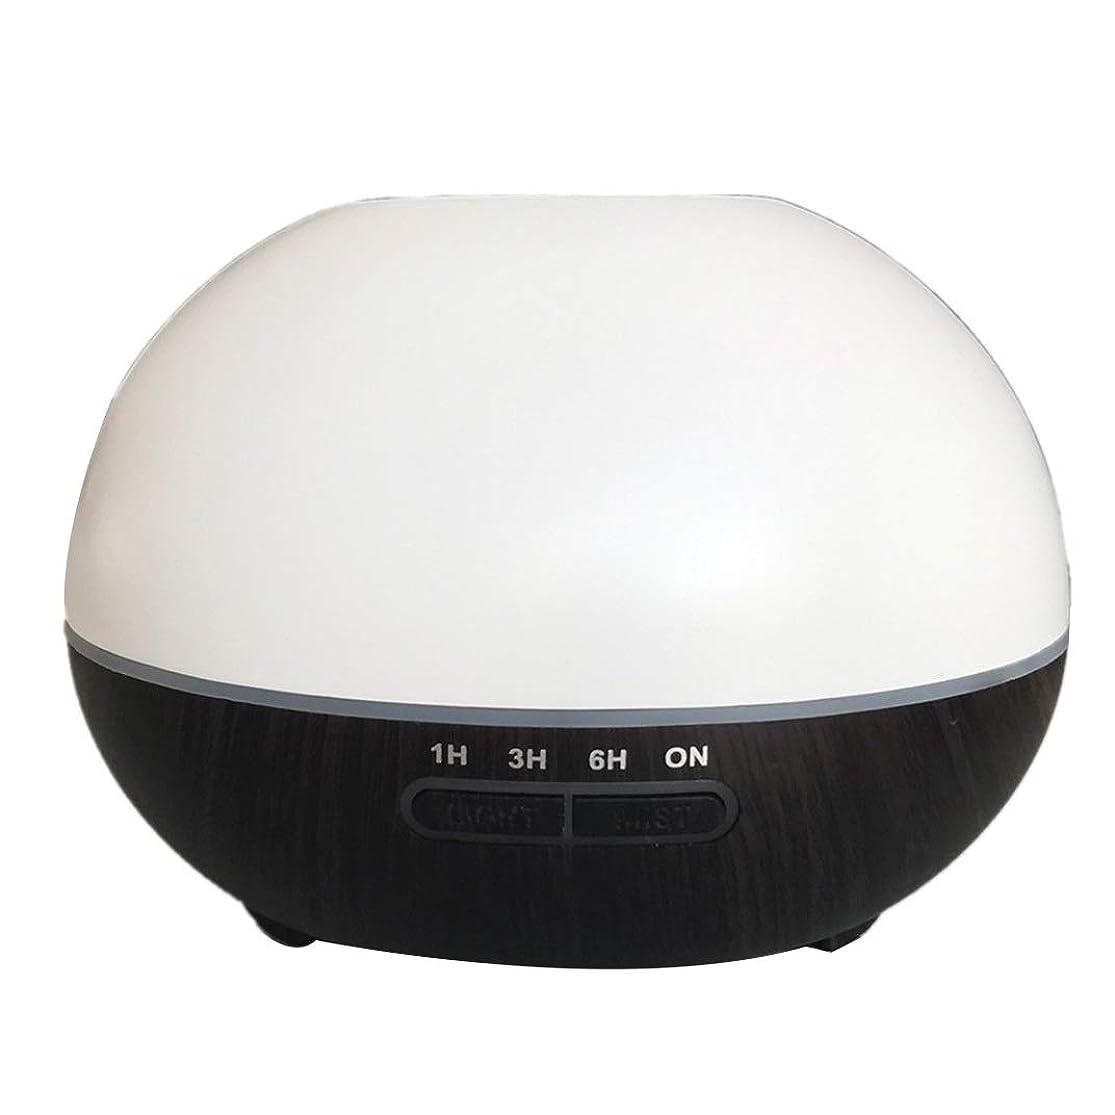 冒険時々固体リードディフューザー 電子エッセンシャルオイルディフューザーアロママシンミニ加湿器アロマ加湿器表面サイレントアロママシン YHDD (Color : C)